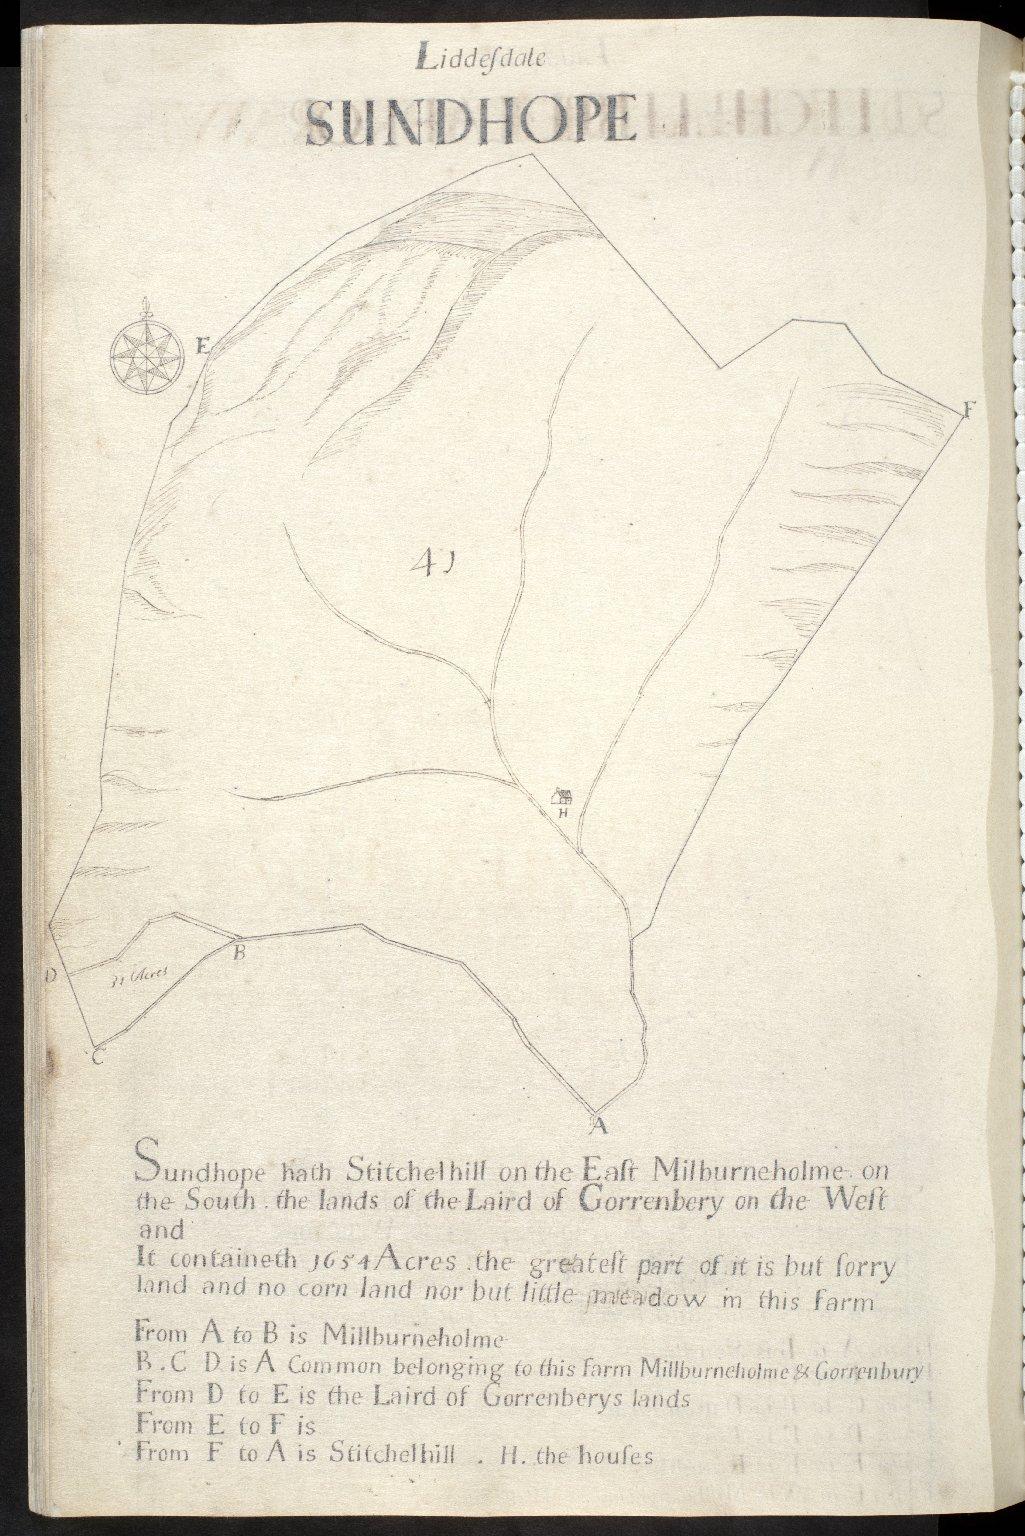 Liddesdale : Sundhope [1 of 1]